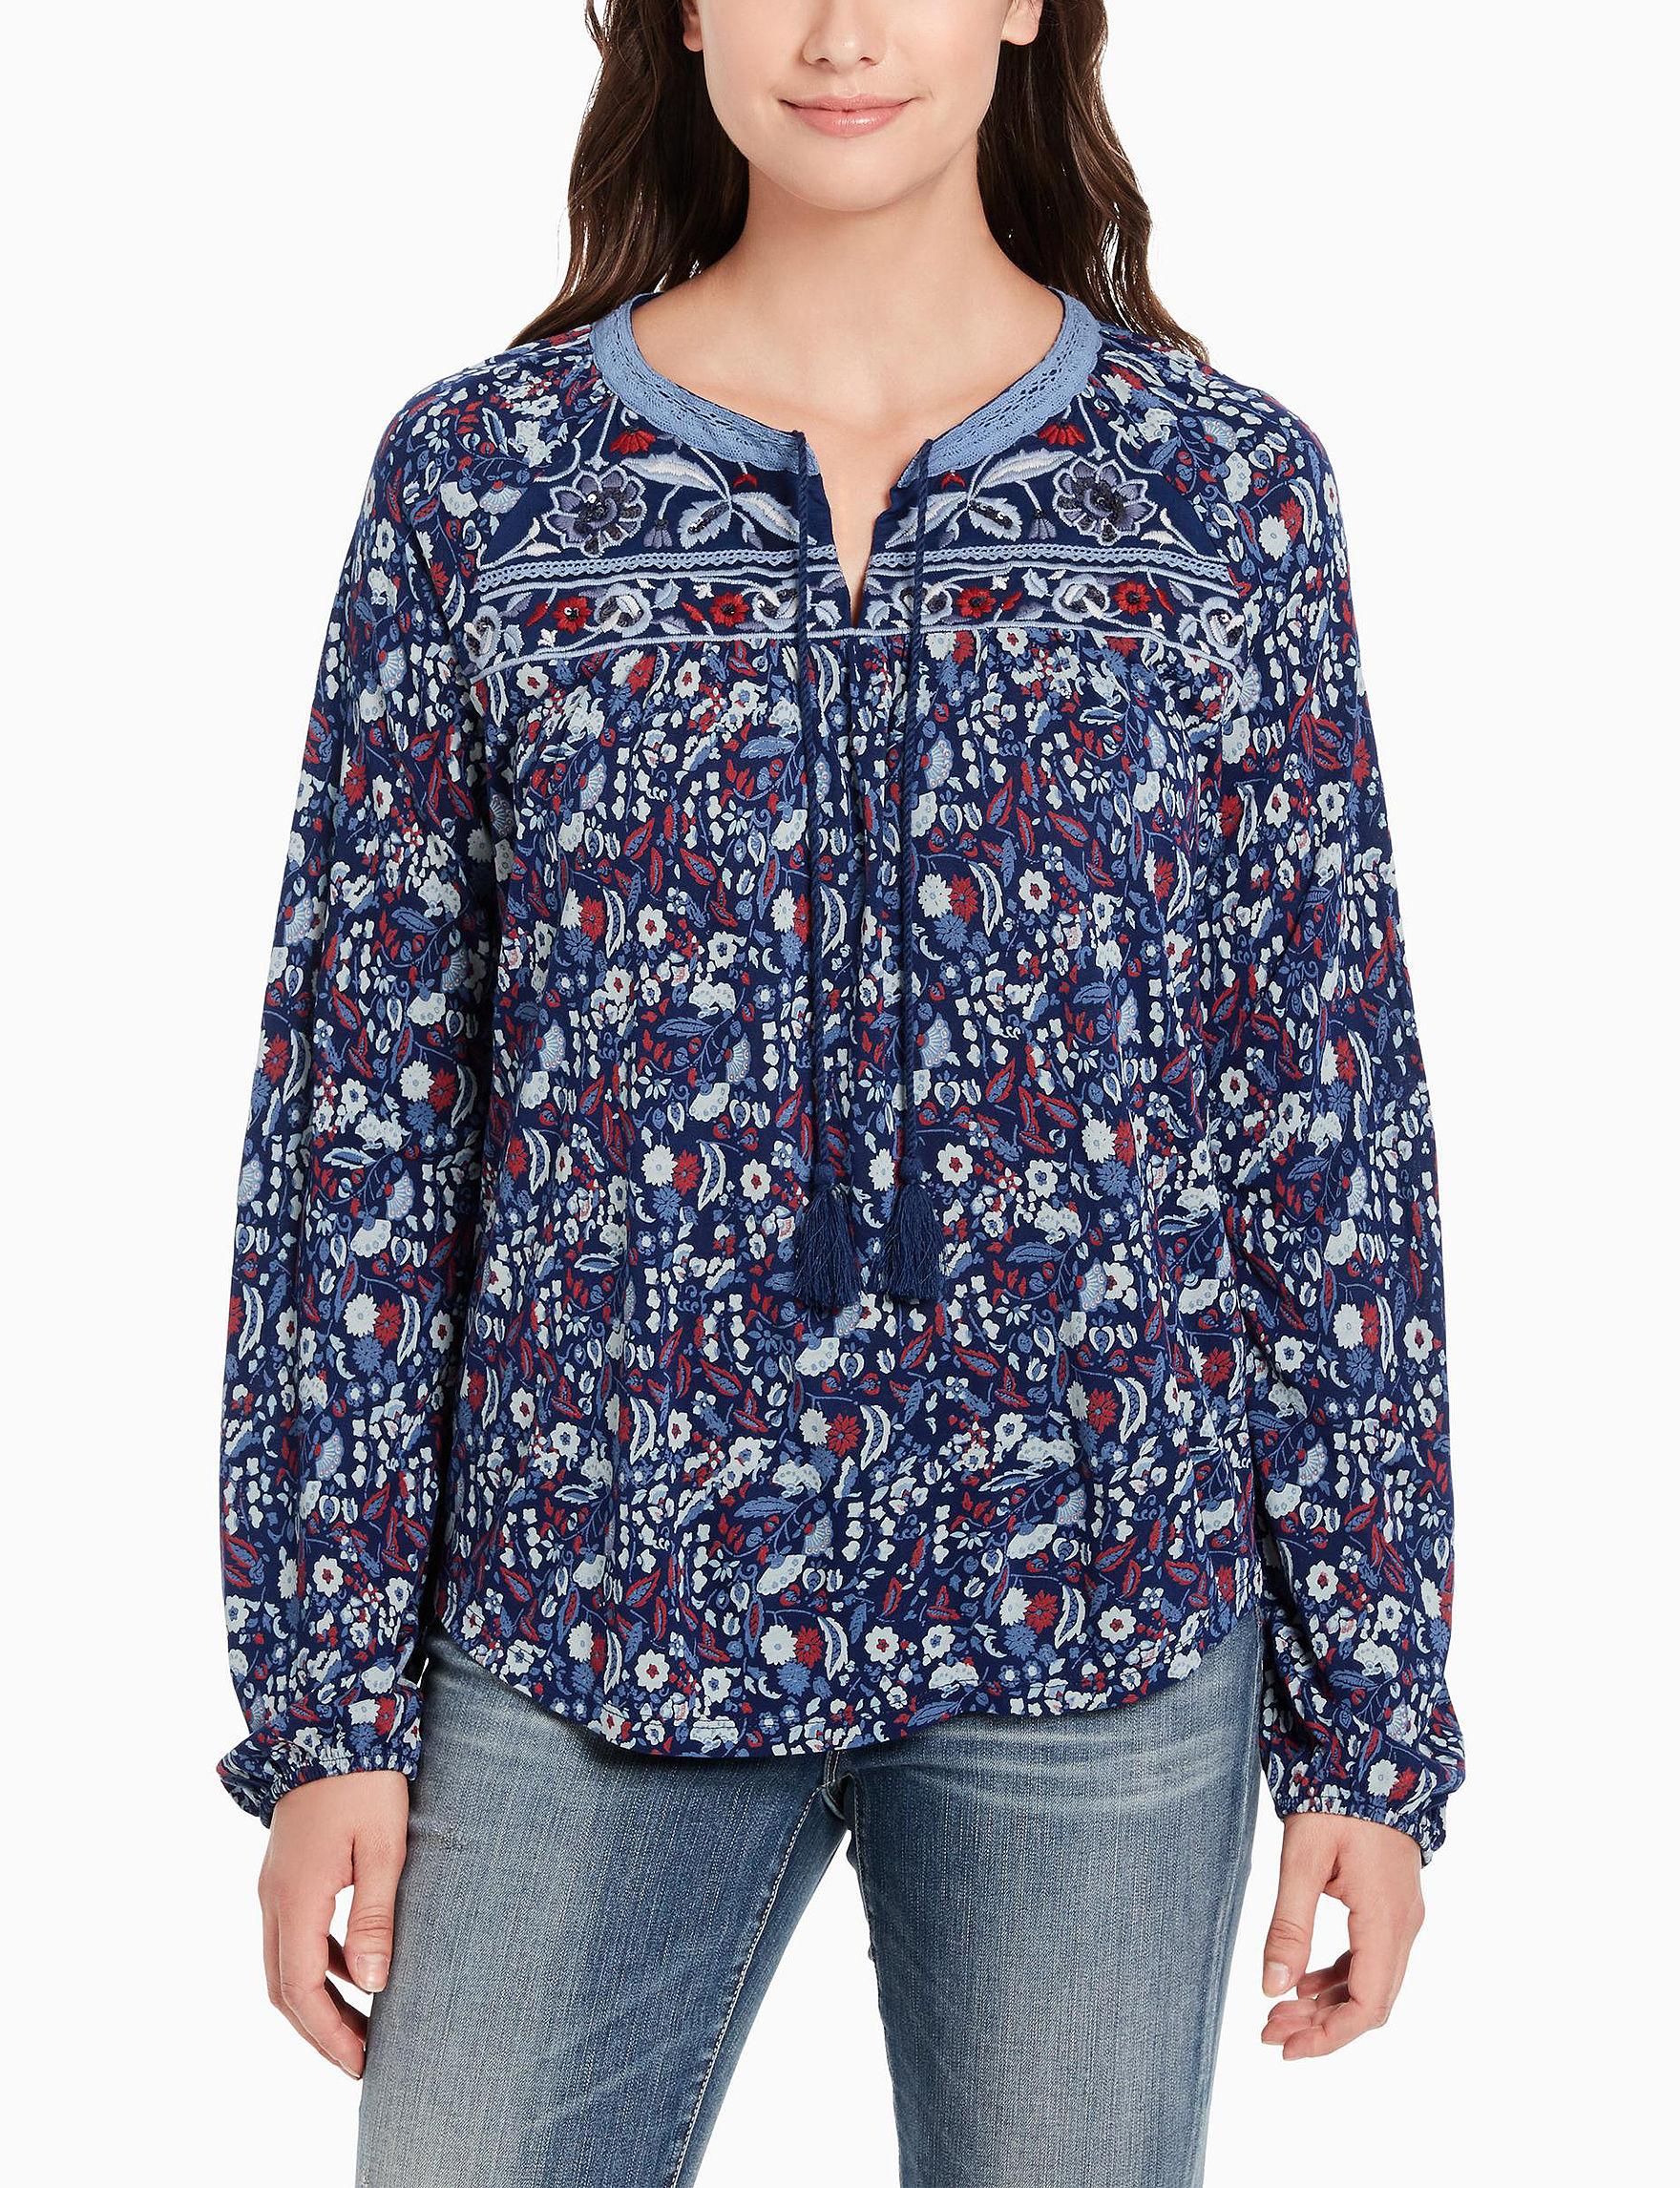 Vintage America Blues Blue Floral Shirts & Blouses